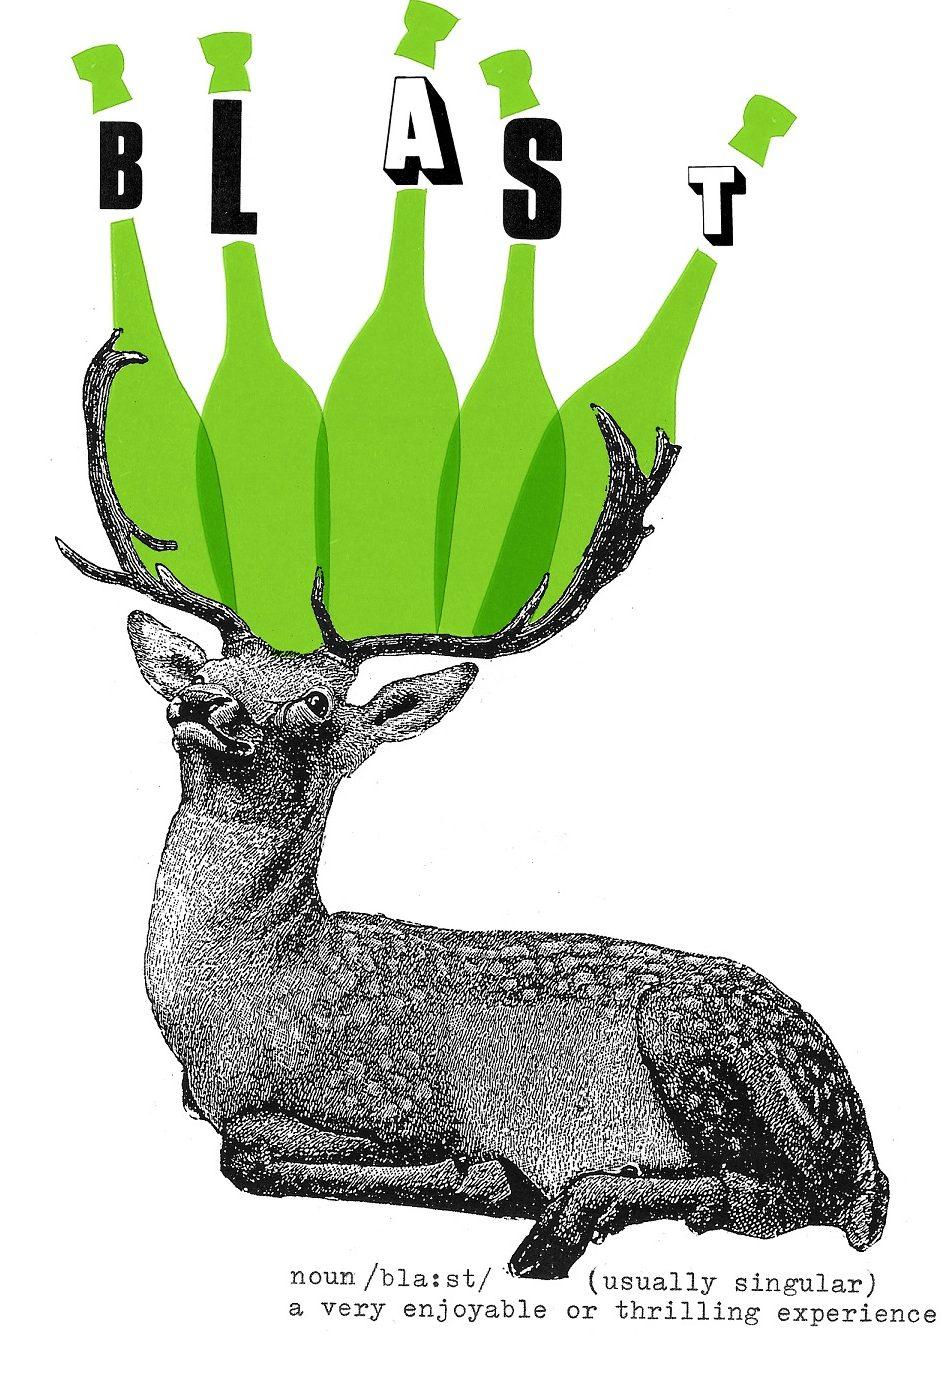 https://www.blastvintners.com/wp-content/uploads/2017/07/Deer_Hi-Res.jpg